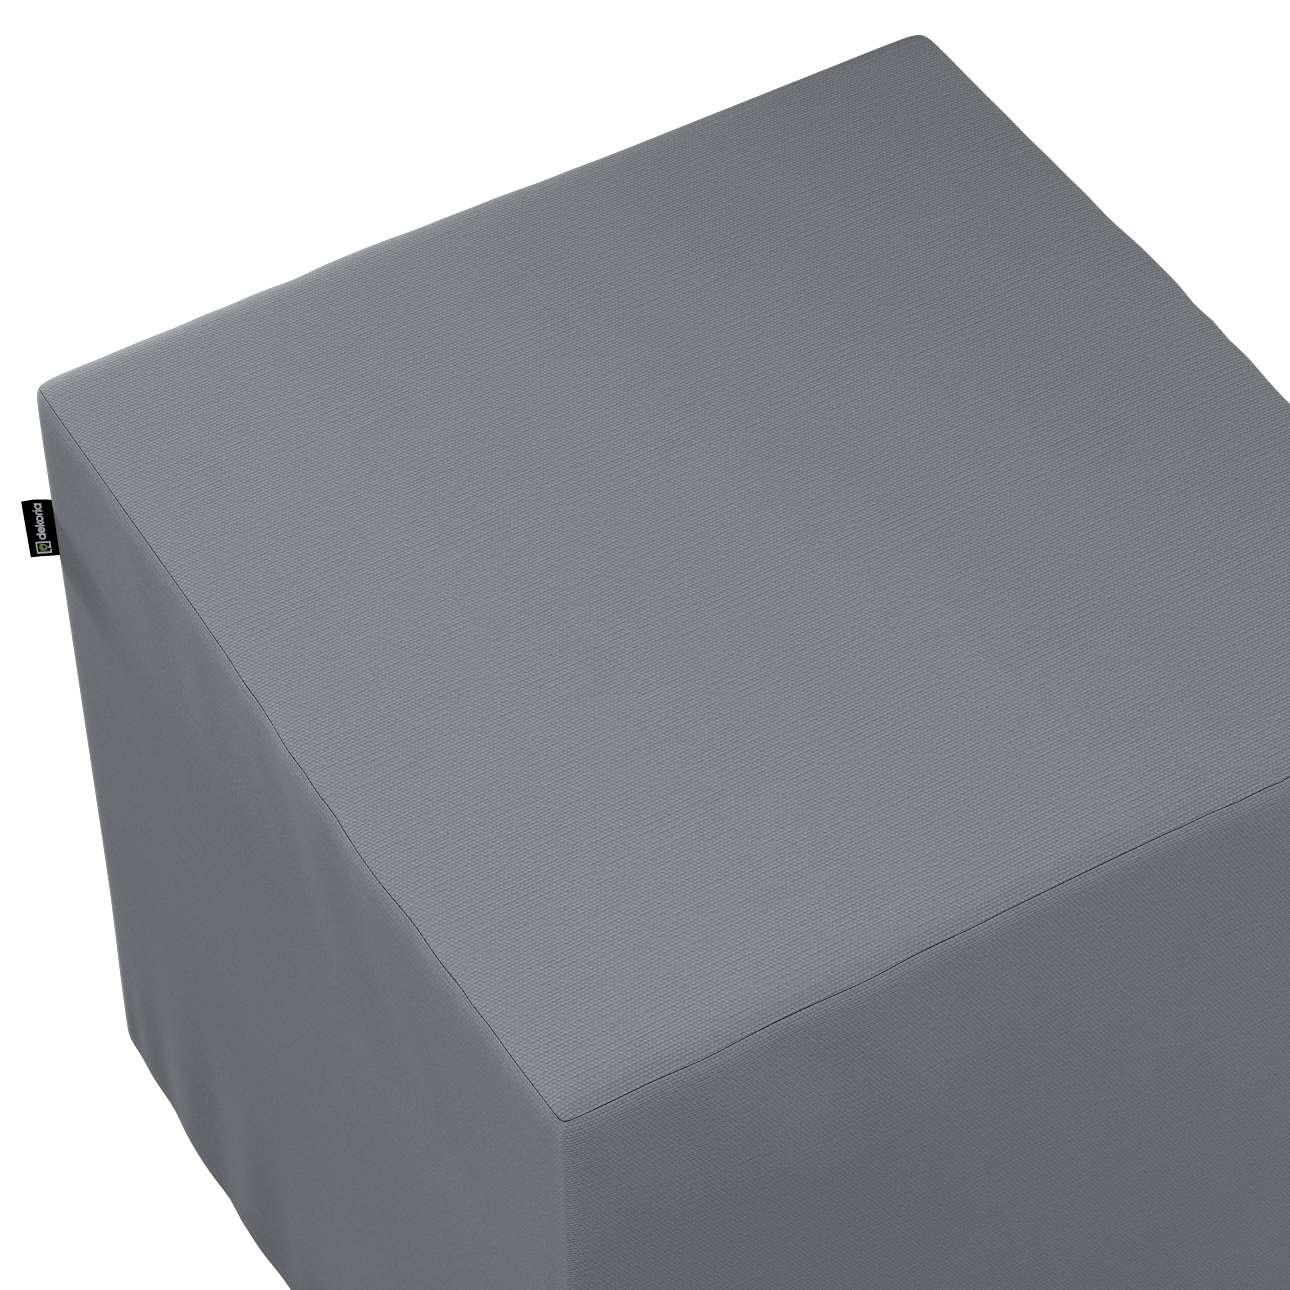 Bezug für Sitzwürfel von der Kollektion Cotton Panama, Stoff: 702-07